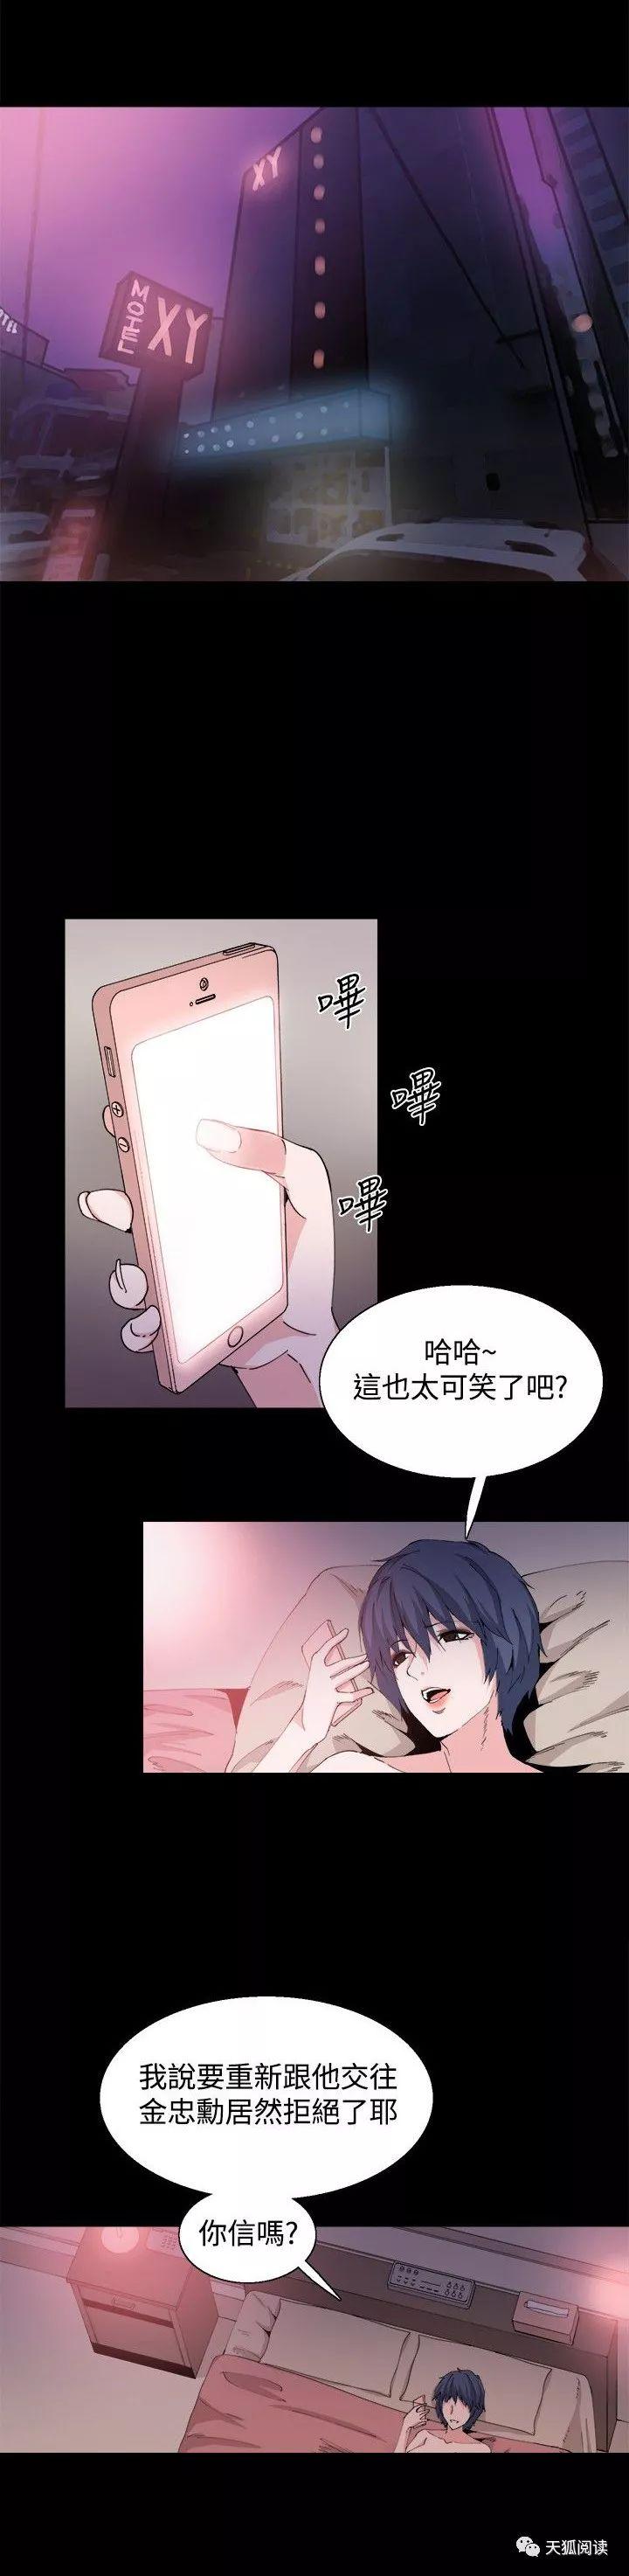 恋爱漫画:整容针 第28-30话 -天狐阅读